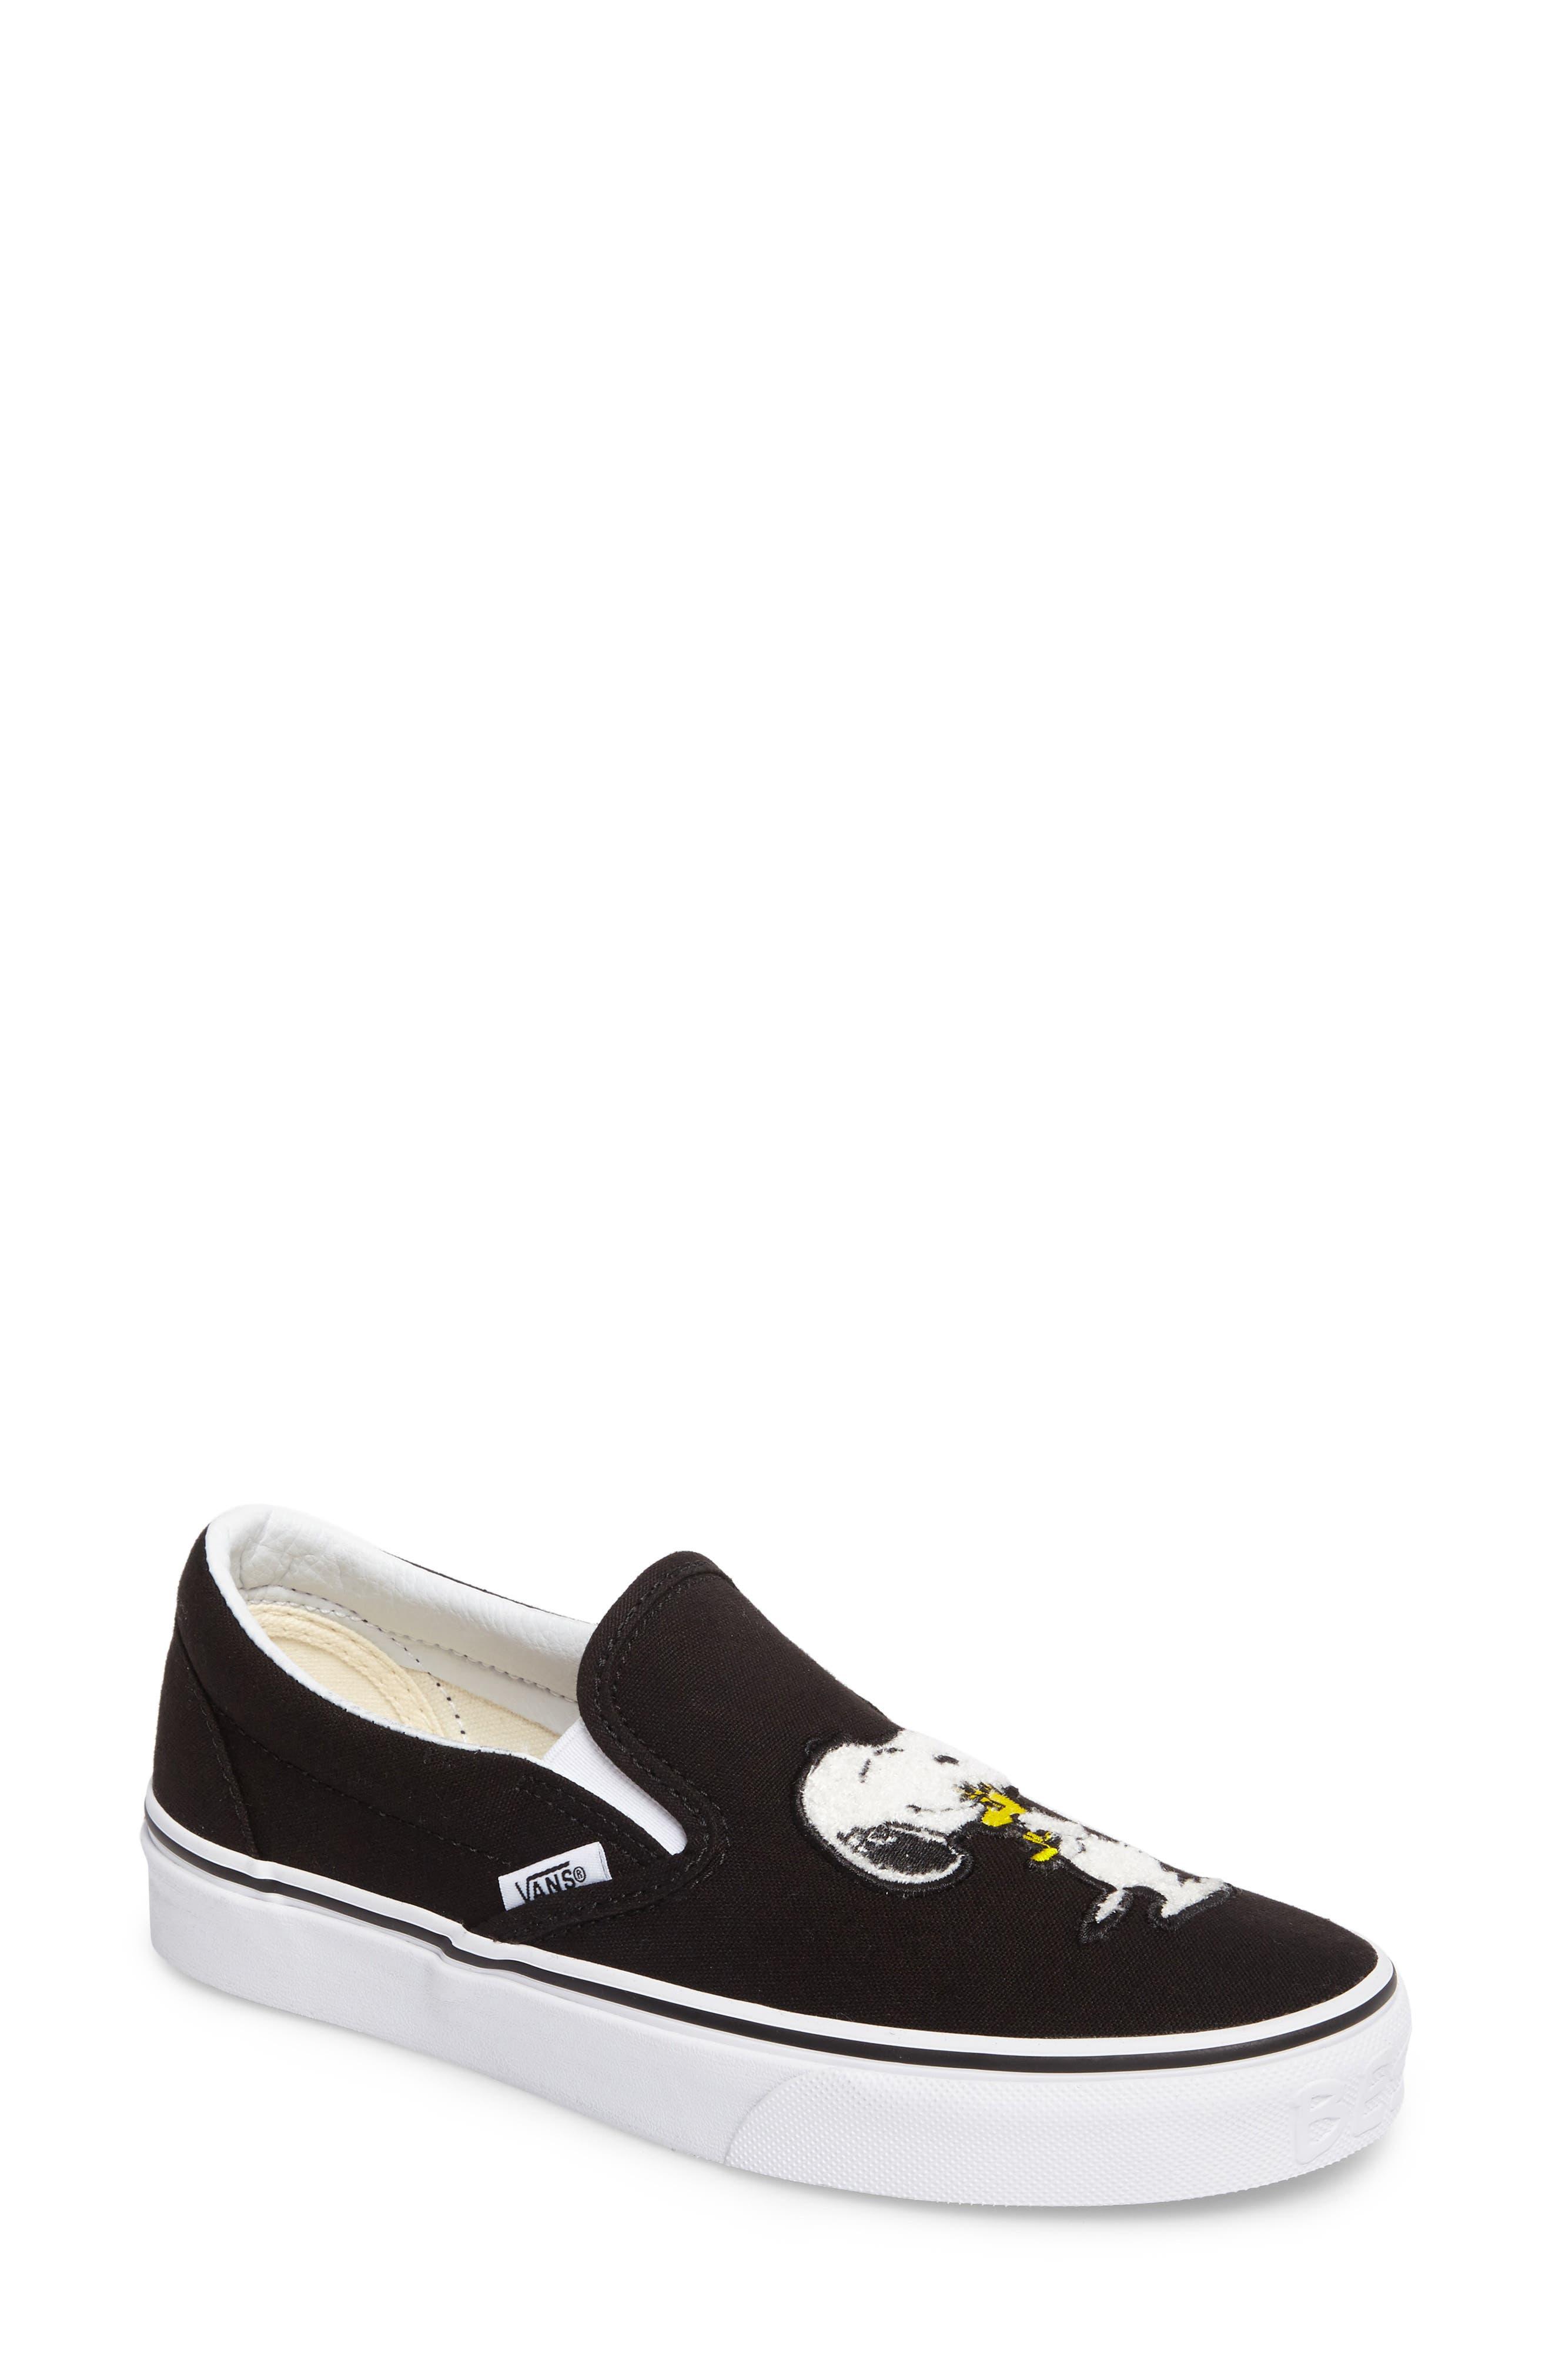 Vans x Peanuts Snoopy Kisses Slip-On Sneaker (Women)